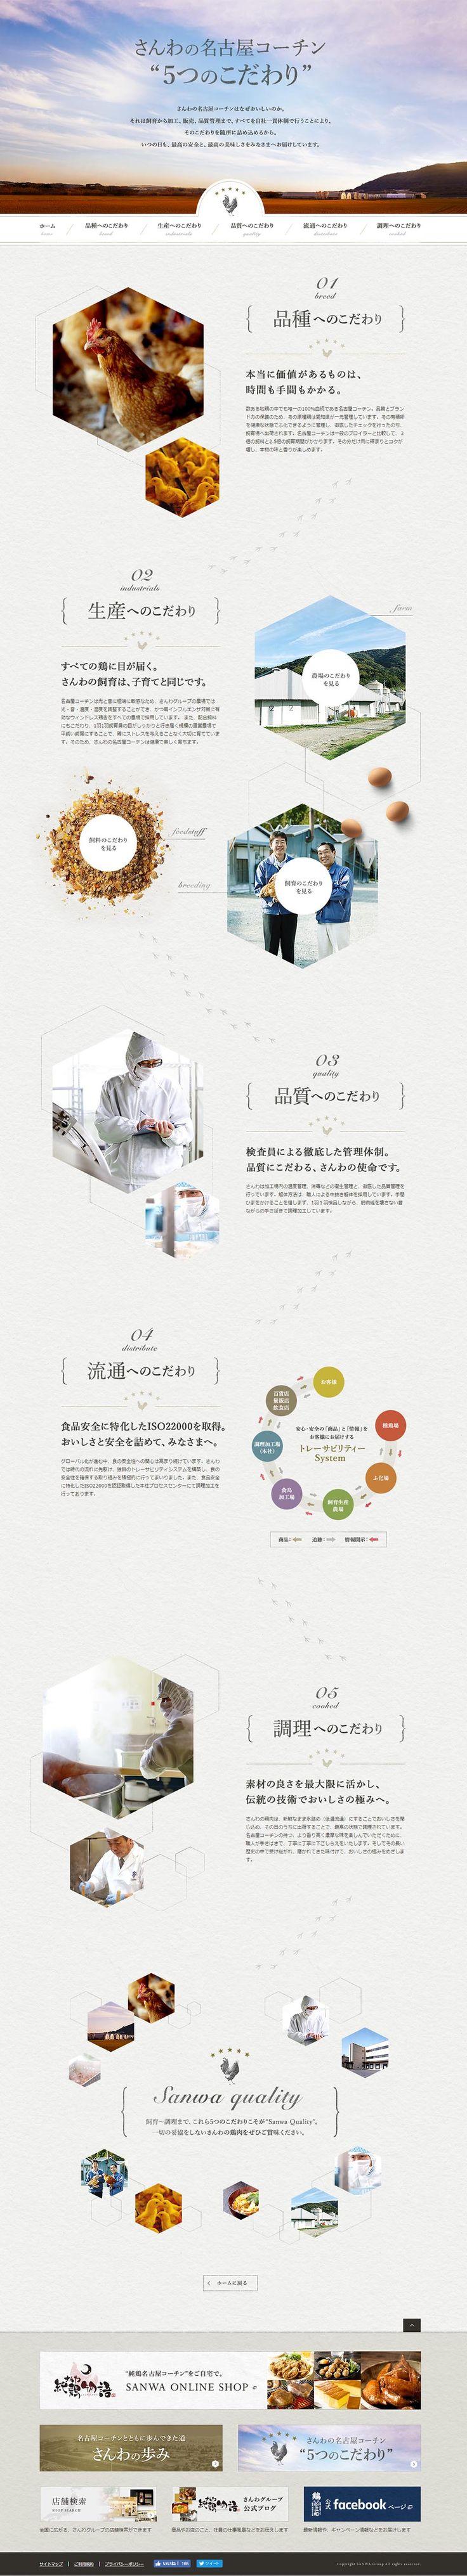 """さんわの名古屋コーチン """"5つのこだわり""""【食品関連】のLPデザイン。WEBデザイナーさん必見!ランディングページのデザイン参考に(シンプル系)"""